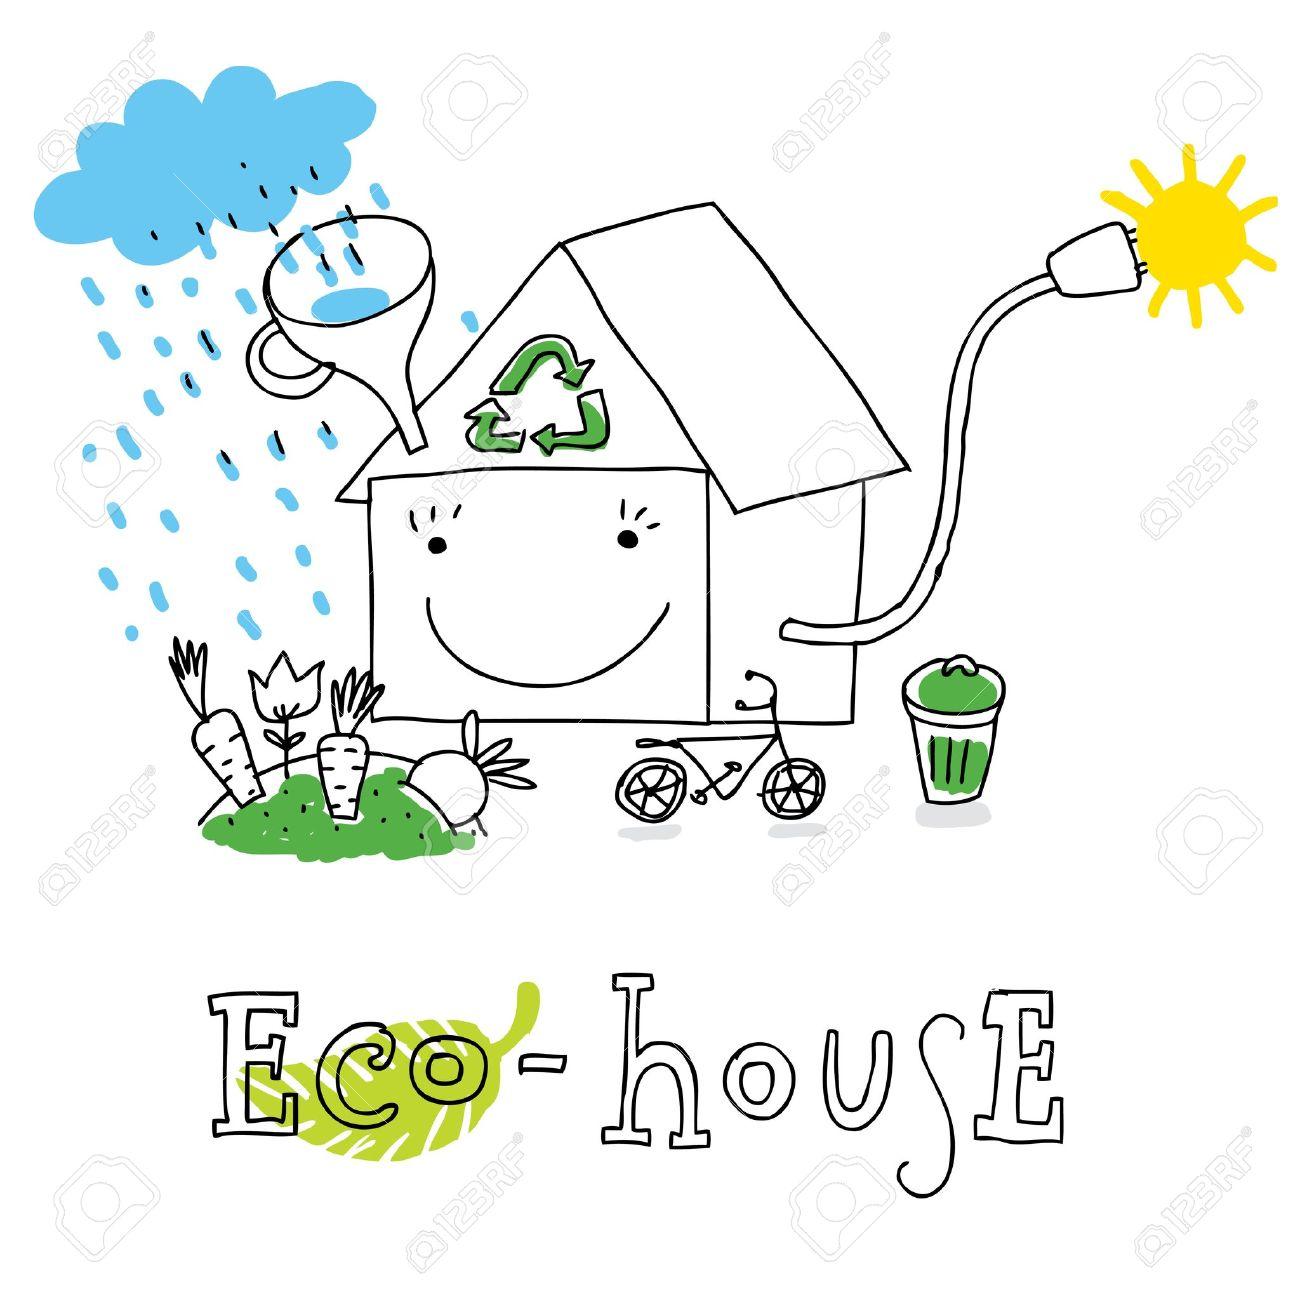 Maison écologique, La Protection De L'écologie Et De L'environnement, De Dessin Vectoriel; Isolé Sur Fond. Clip Art Libres De Droits , Vecteurs Et Illustration. Image 12380787.